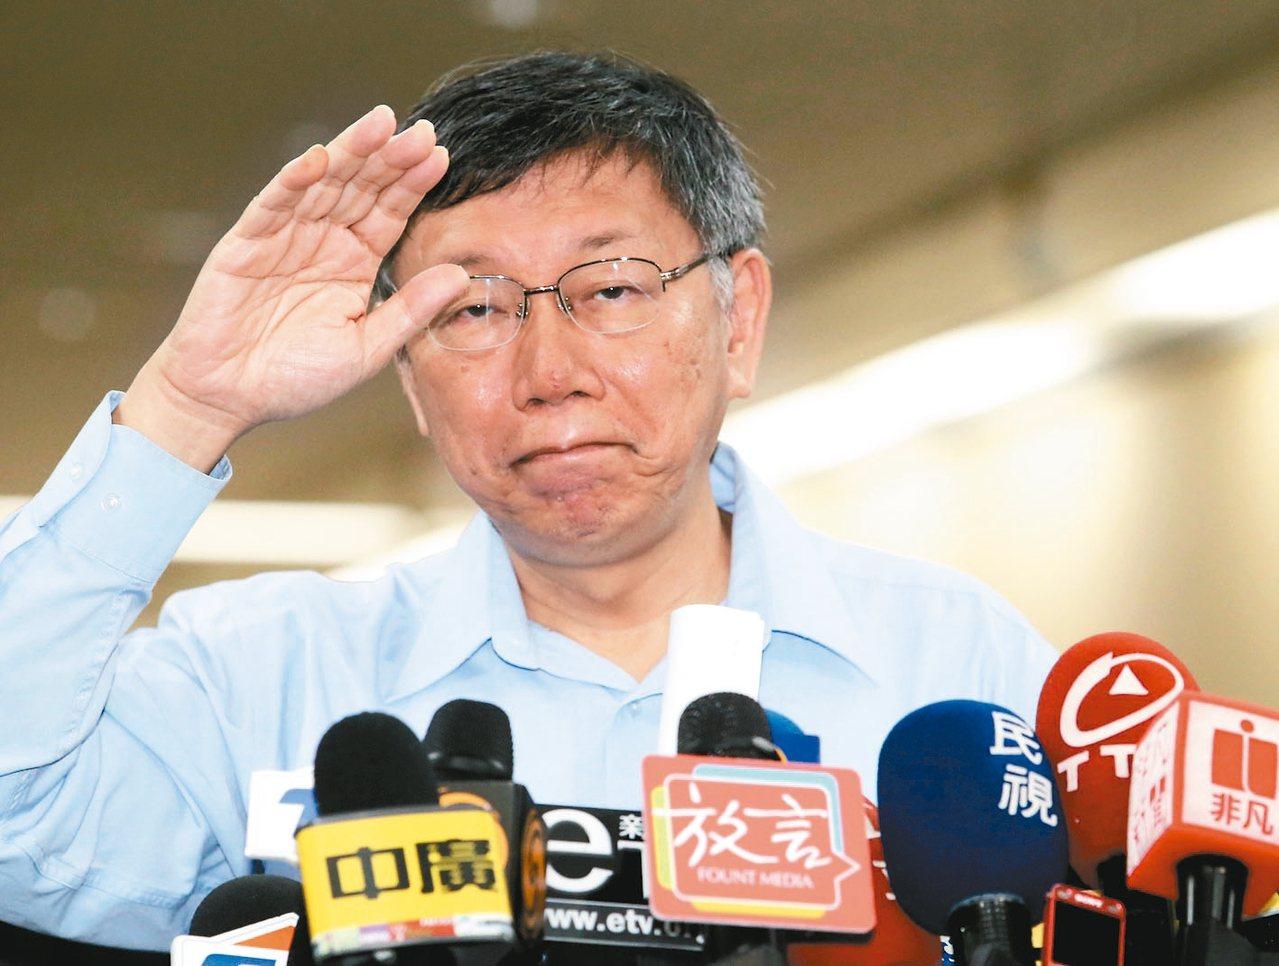 台北市長柯文哲今天表示,如果韓國瑜好好的當市長,下次將有能量與機會改變國民黨,但...